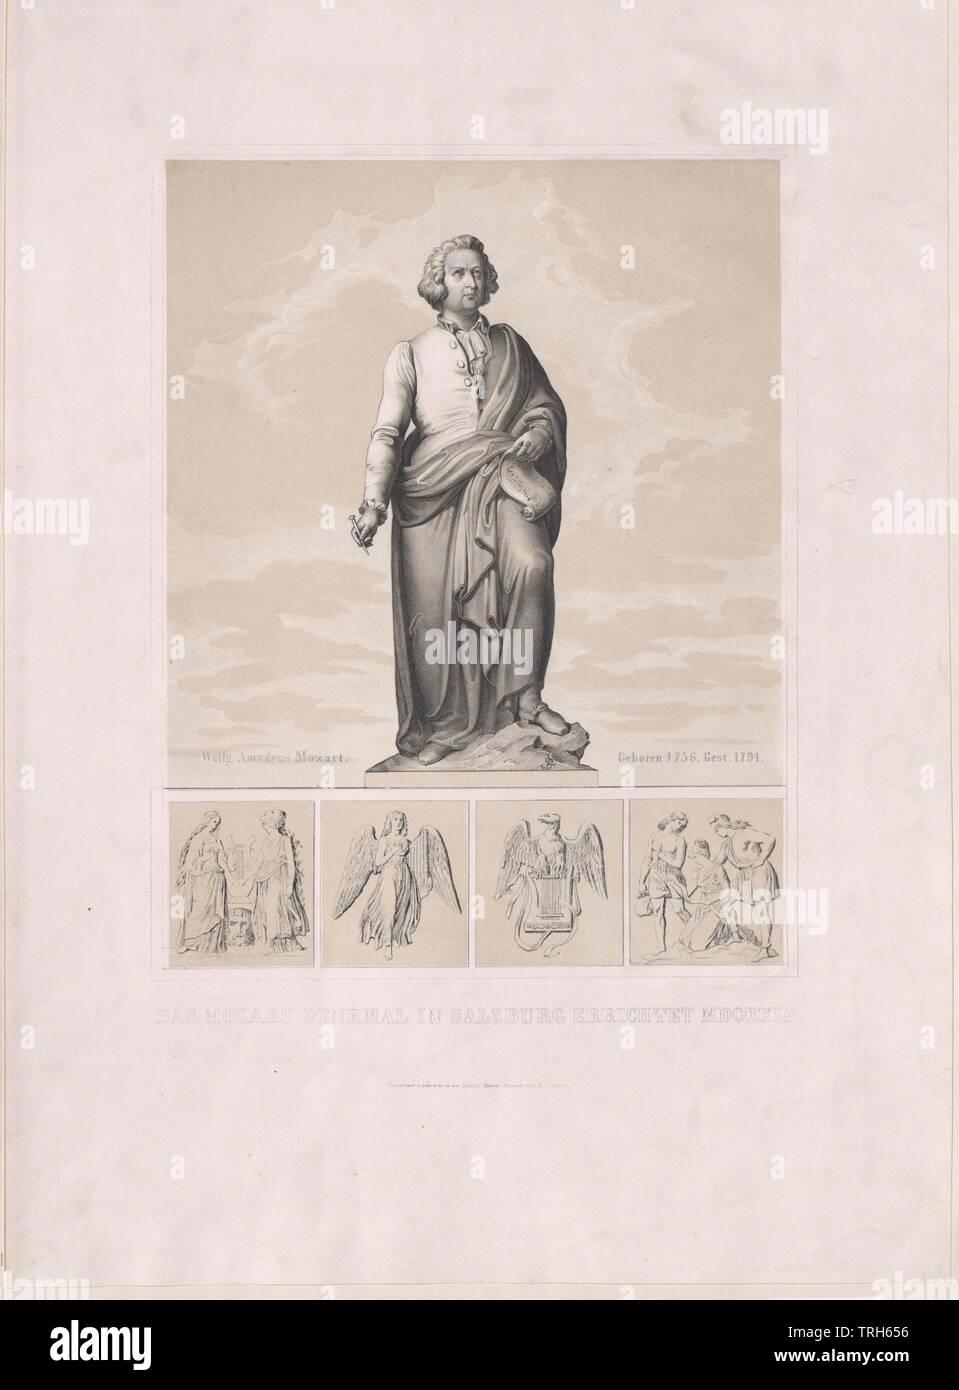 Monument Wolfgang Amadeus Mozart (1756-1791), monument sur la Mozartplatz. 1842, par Ludwig von Schwanthaler, moulage par Stieglmayr,monument, monuments, compositeur, compositeurs, de la culture, cultures, artiste, artistes, musiciens, personnalité, célébrités, musicien, en outre, d'autres, le classicisme viennois, 19e siècle, les gens, pleine longueur, pleine longueur, homme, hommes, homme, Manly, Ludwig, Lewis, Louis, Moulage, moulage, Additional-Rights Clearance-Info-Not-Available- Photo Stock